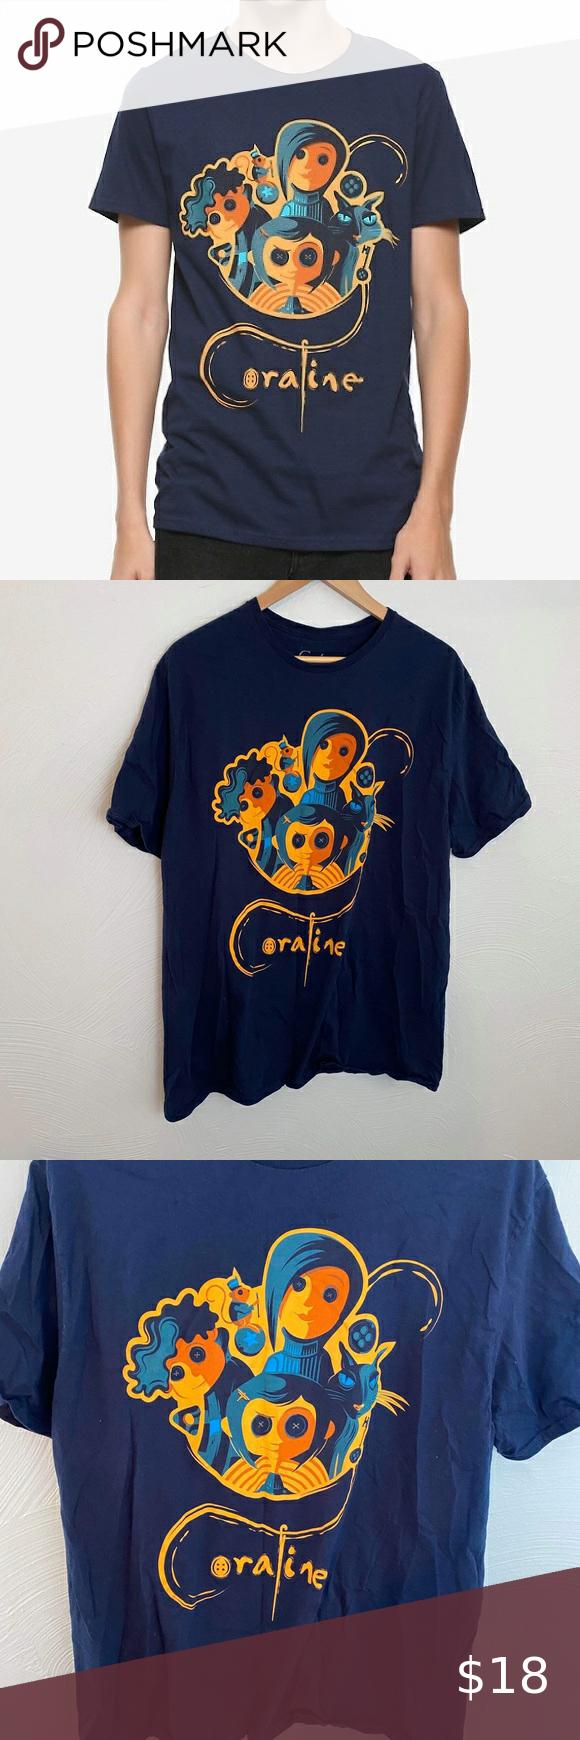 Coraline T Shirt In 2020 T Shirt Shirts Women Shopping